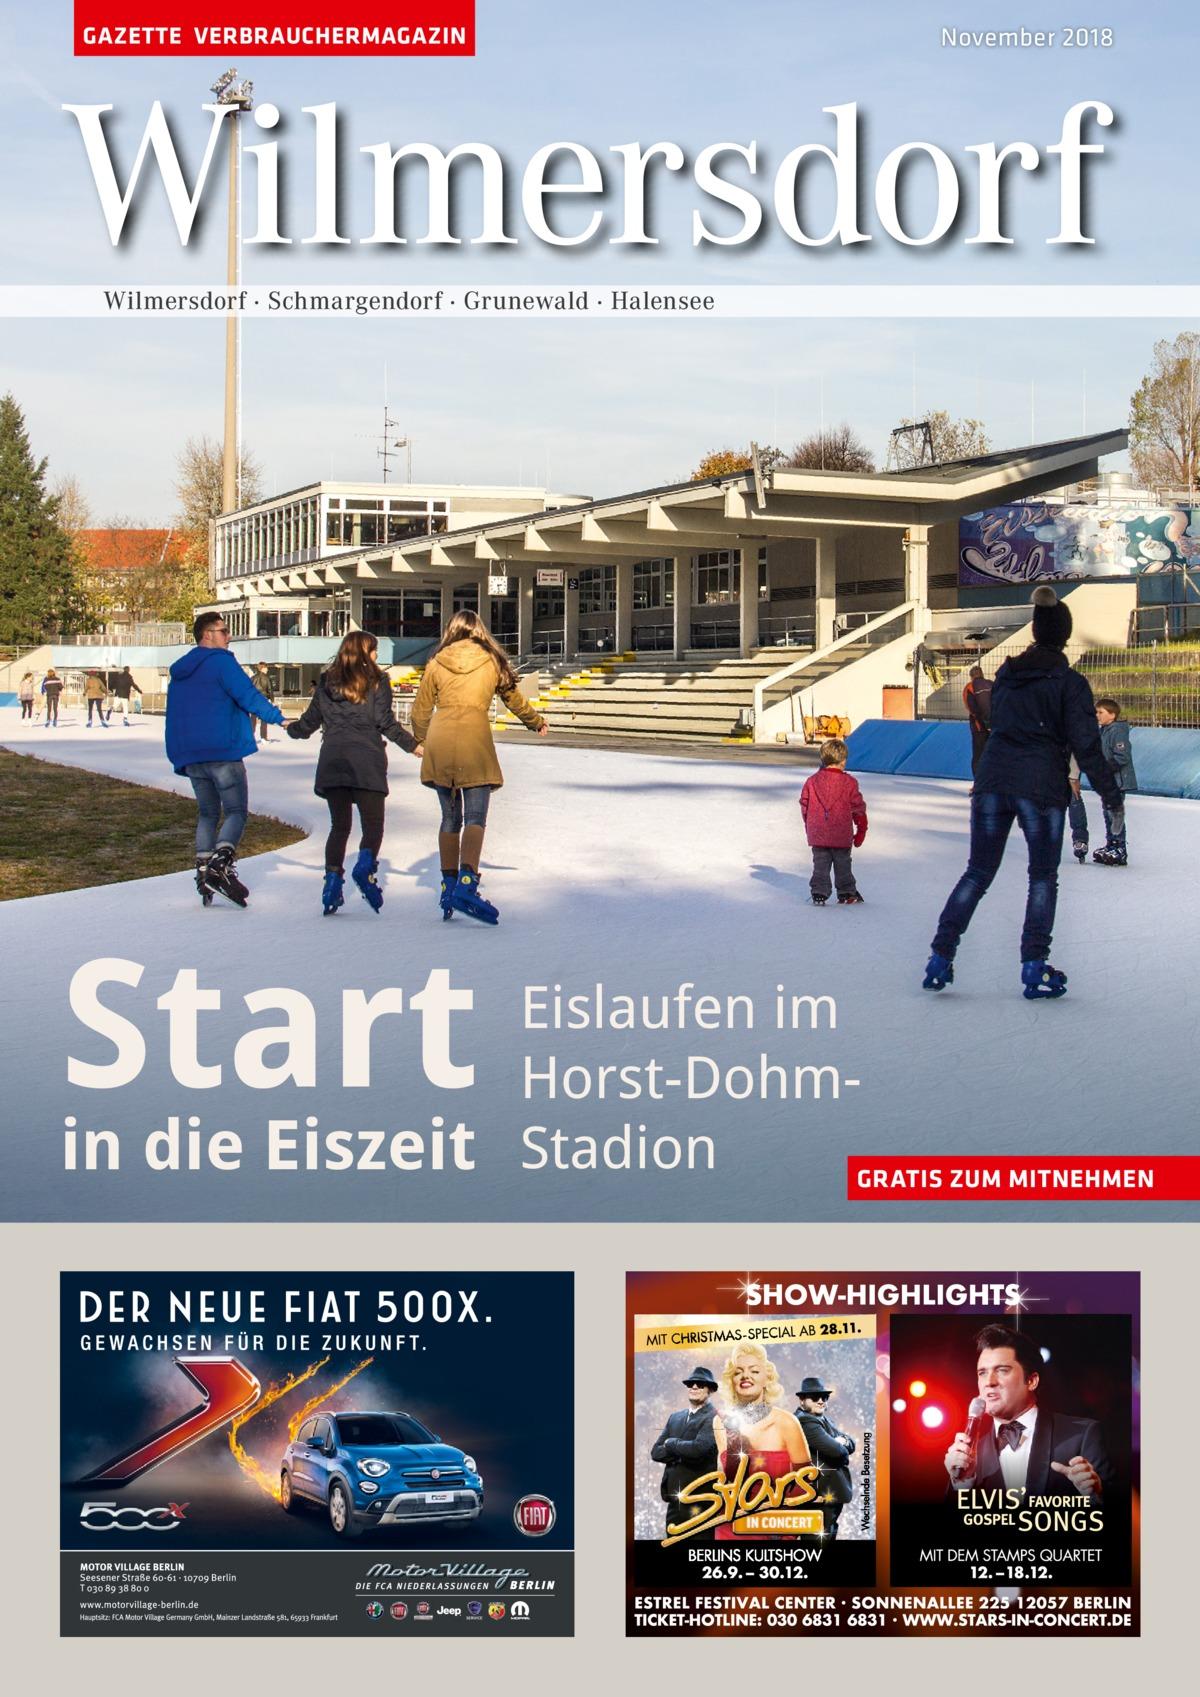 GAZETTE VERBRAUCHERMAGAZIN  November 2018  Wilmersdorf Wilmersdorf · Schmargendorf · Grunewald · Halensee  Start  Eislaufen im Horst-Dohmin die Eiszeit Stadion GRATIS ZUM MITNEHMEN